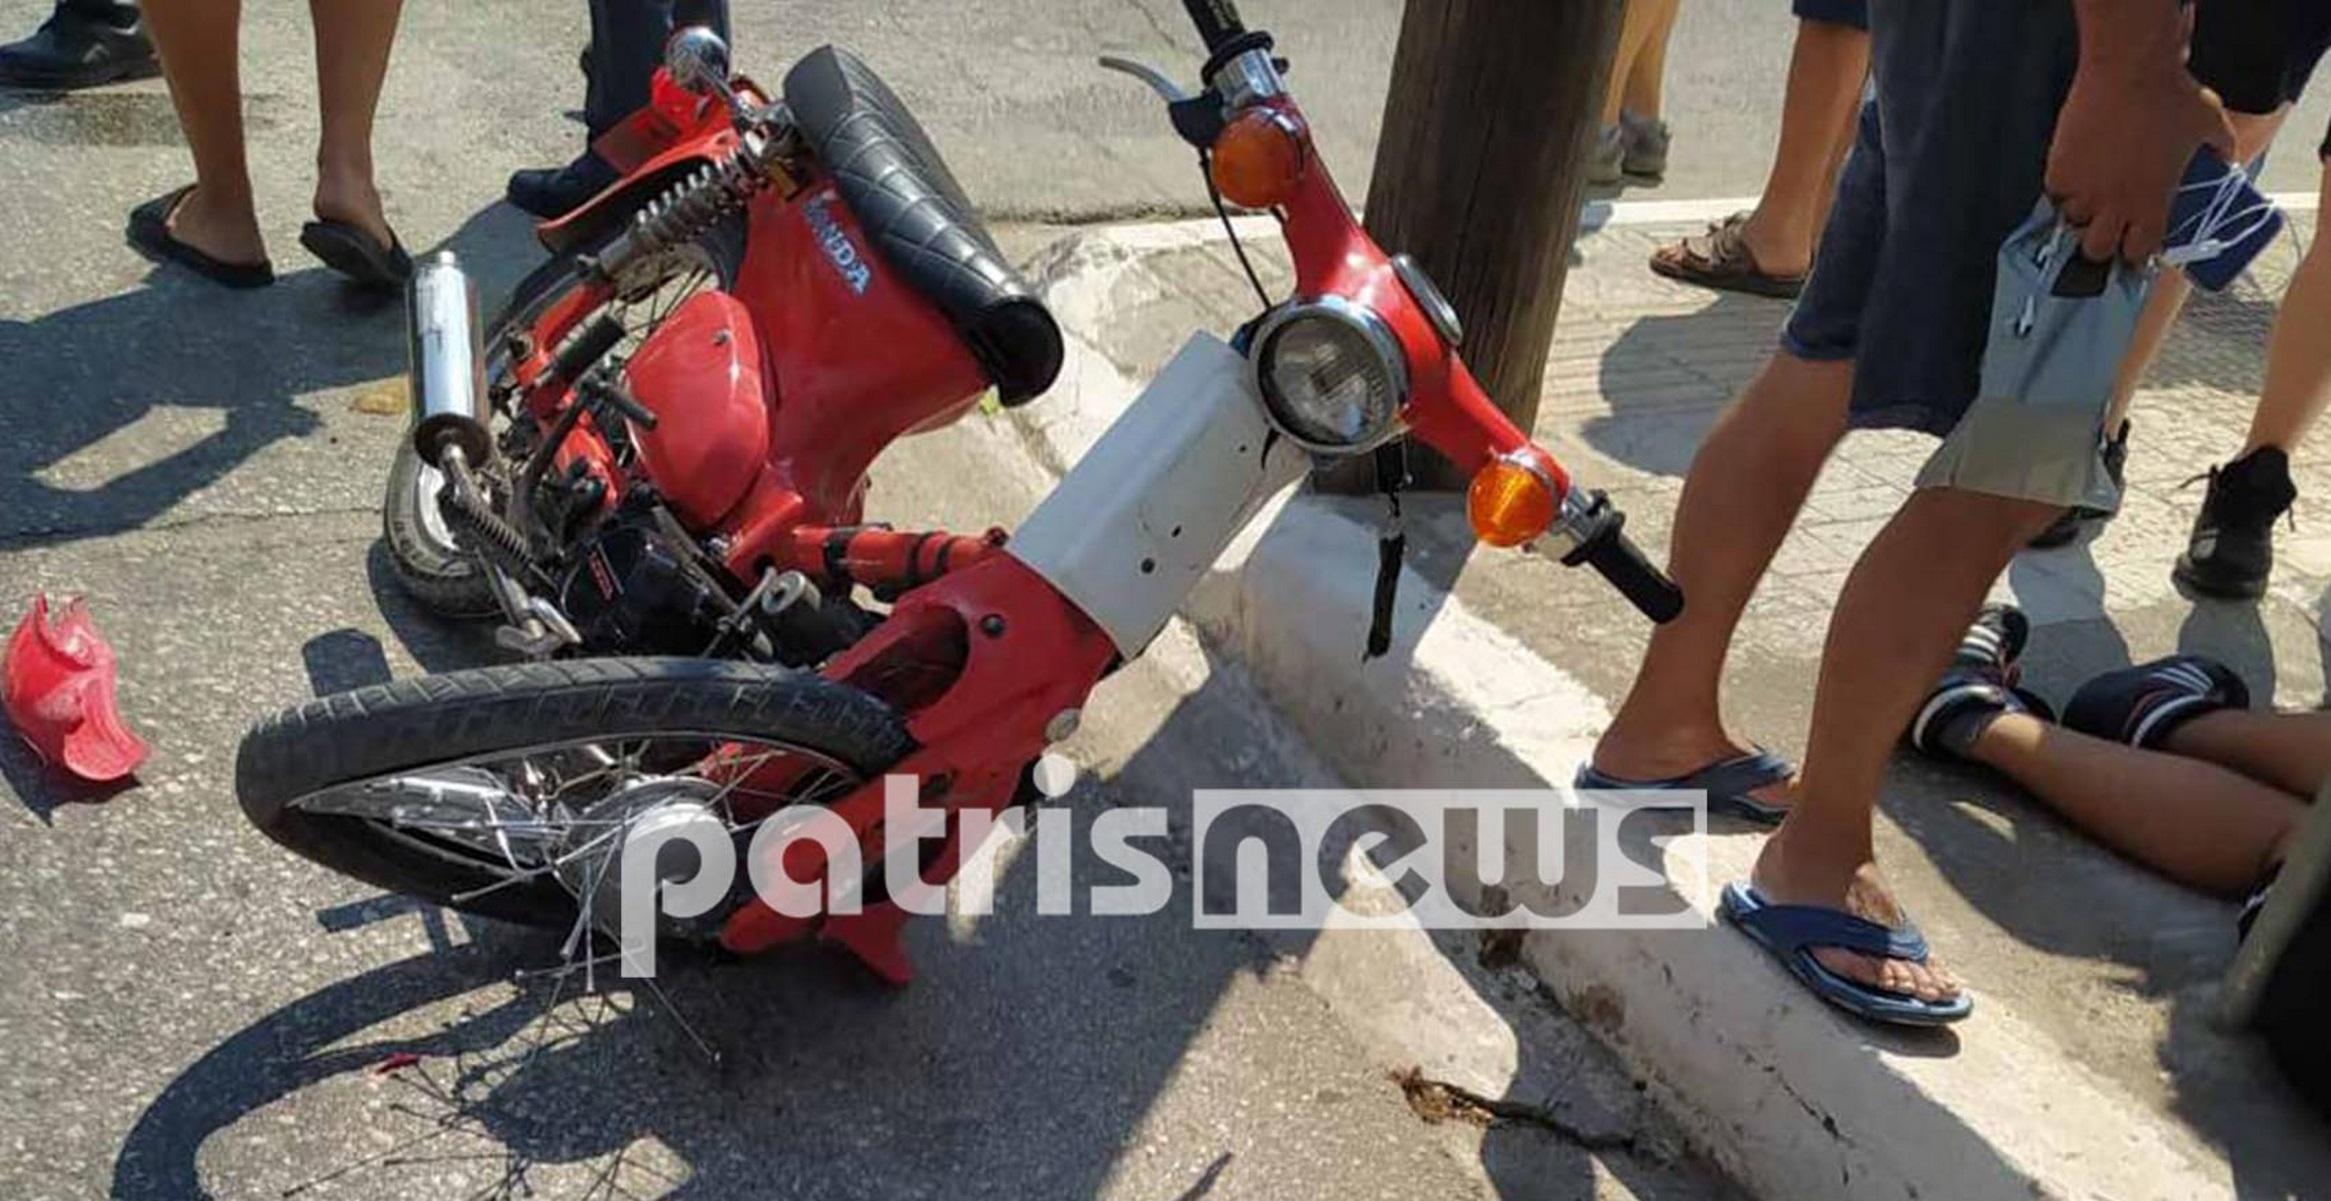 Ανδραβίδα: Αυτοκίνητο παραβίασε STOP και συγκρούστηκε με μηχανανάκι – Τραυματίστηκε ο δικυκλιστής